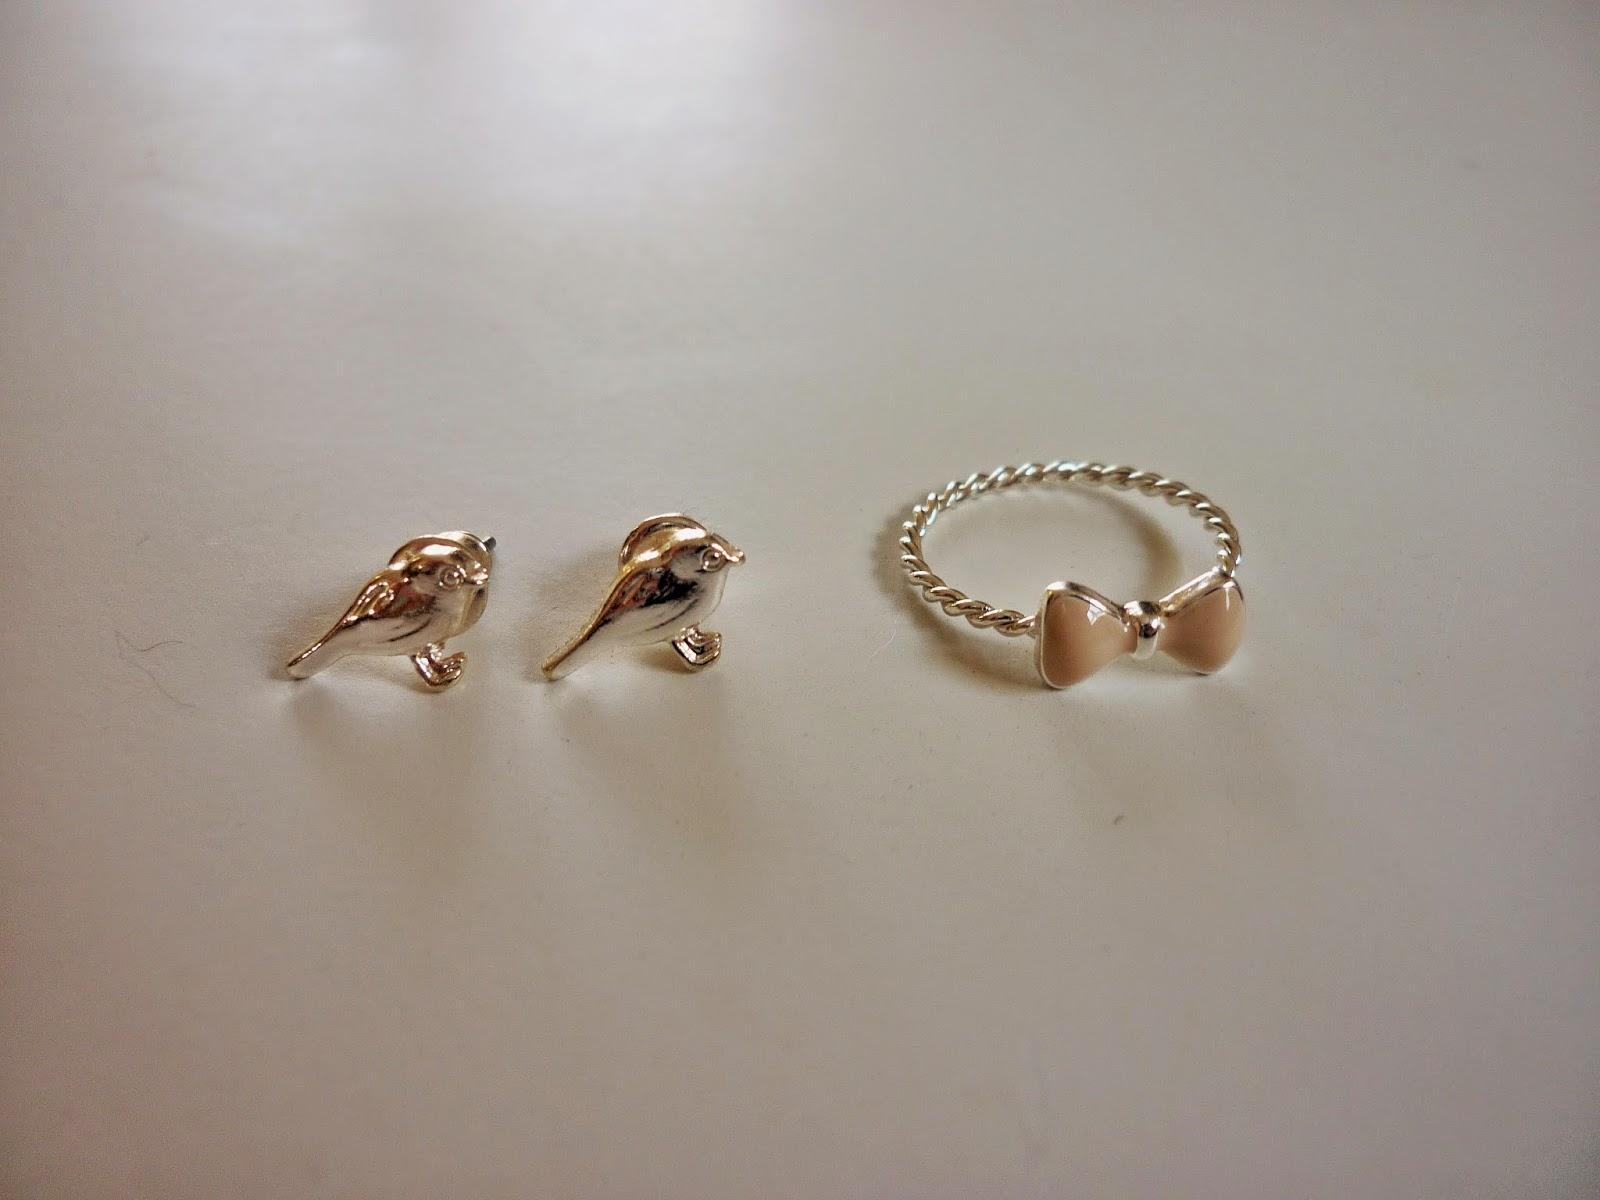 Shopping accessoire bijoux boucles oiseaux et bague noeud SIXT